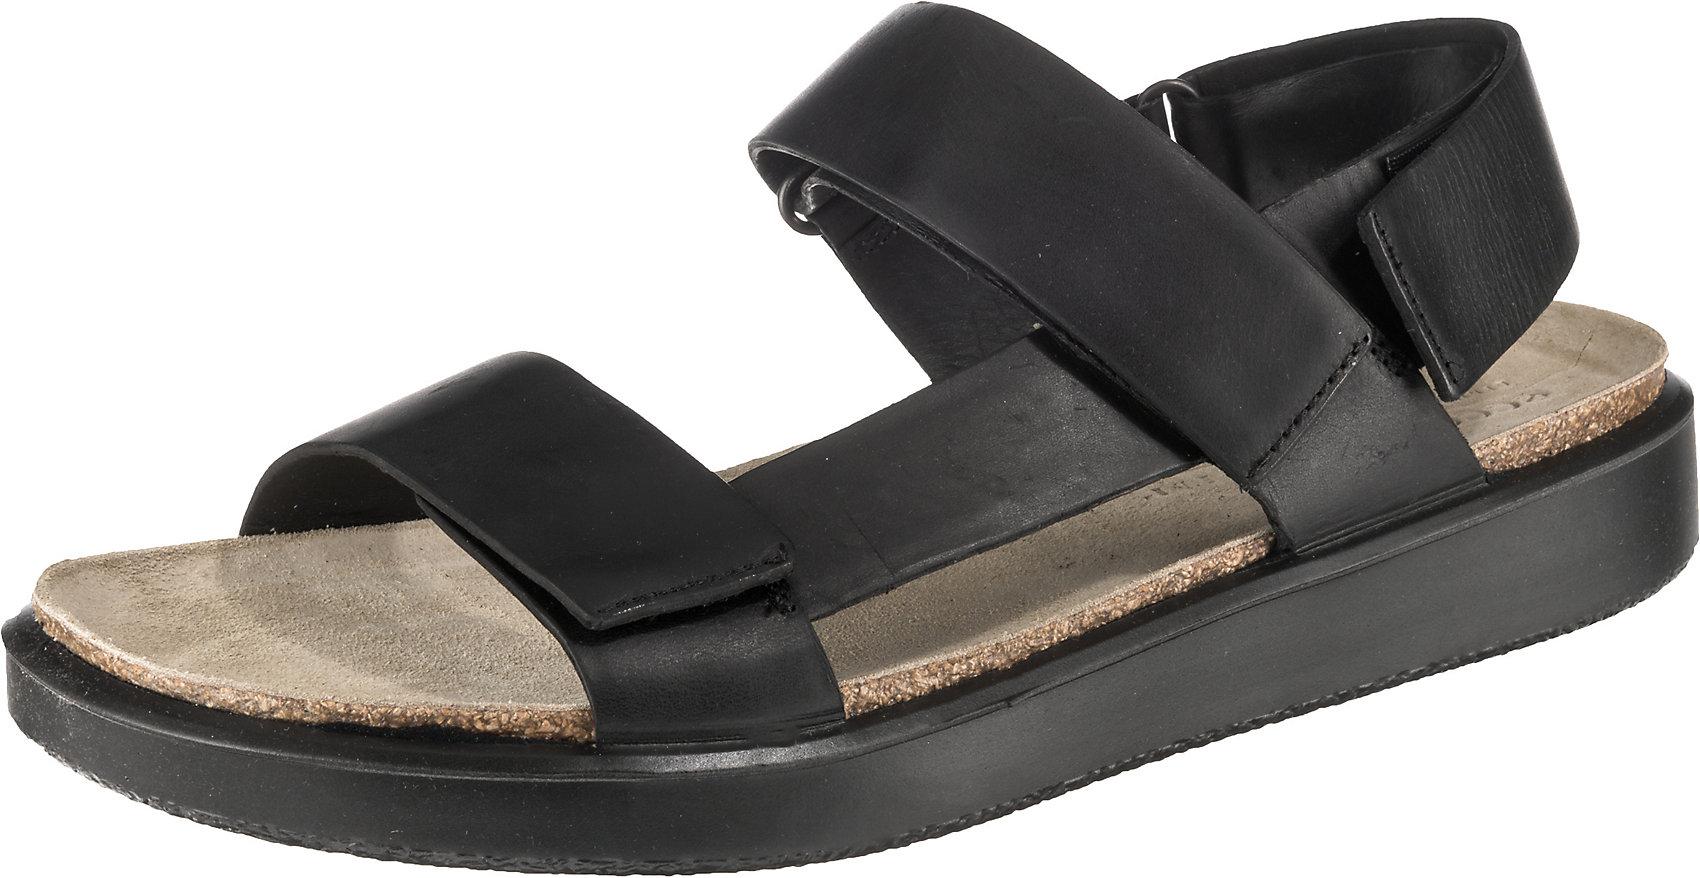 Details zu Neu ecco CORKSPHERE Klassische Sandalen 10546806 für Herren schwarz